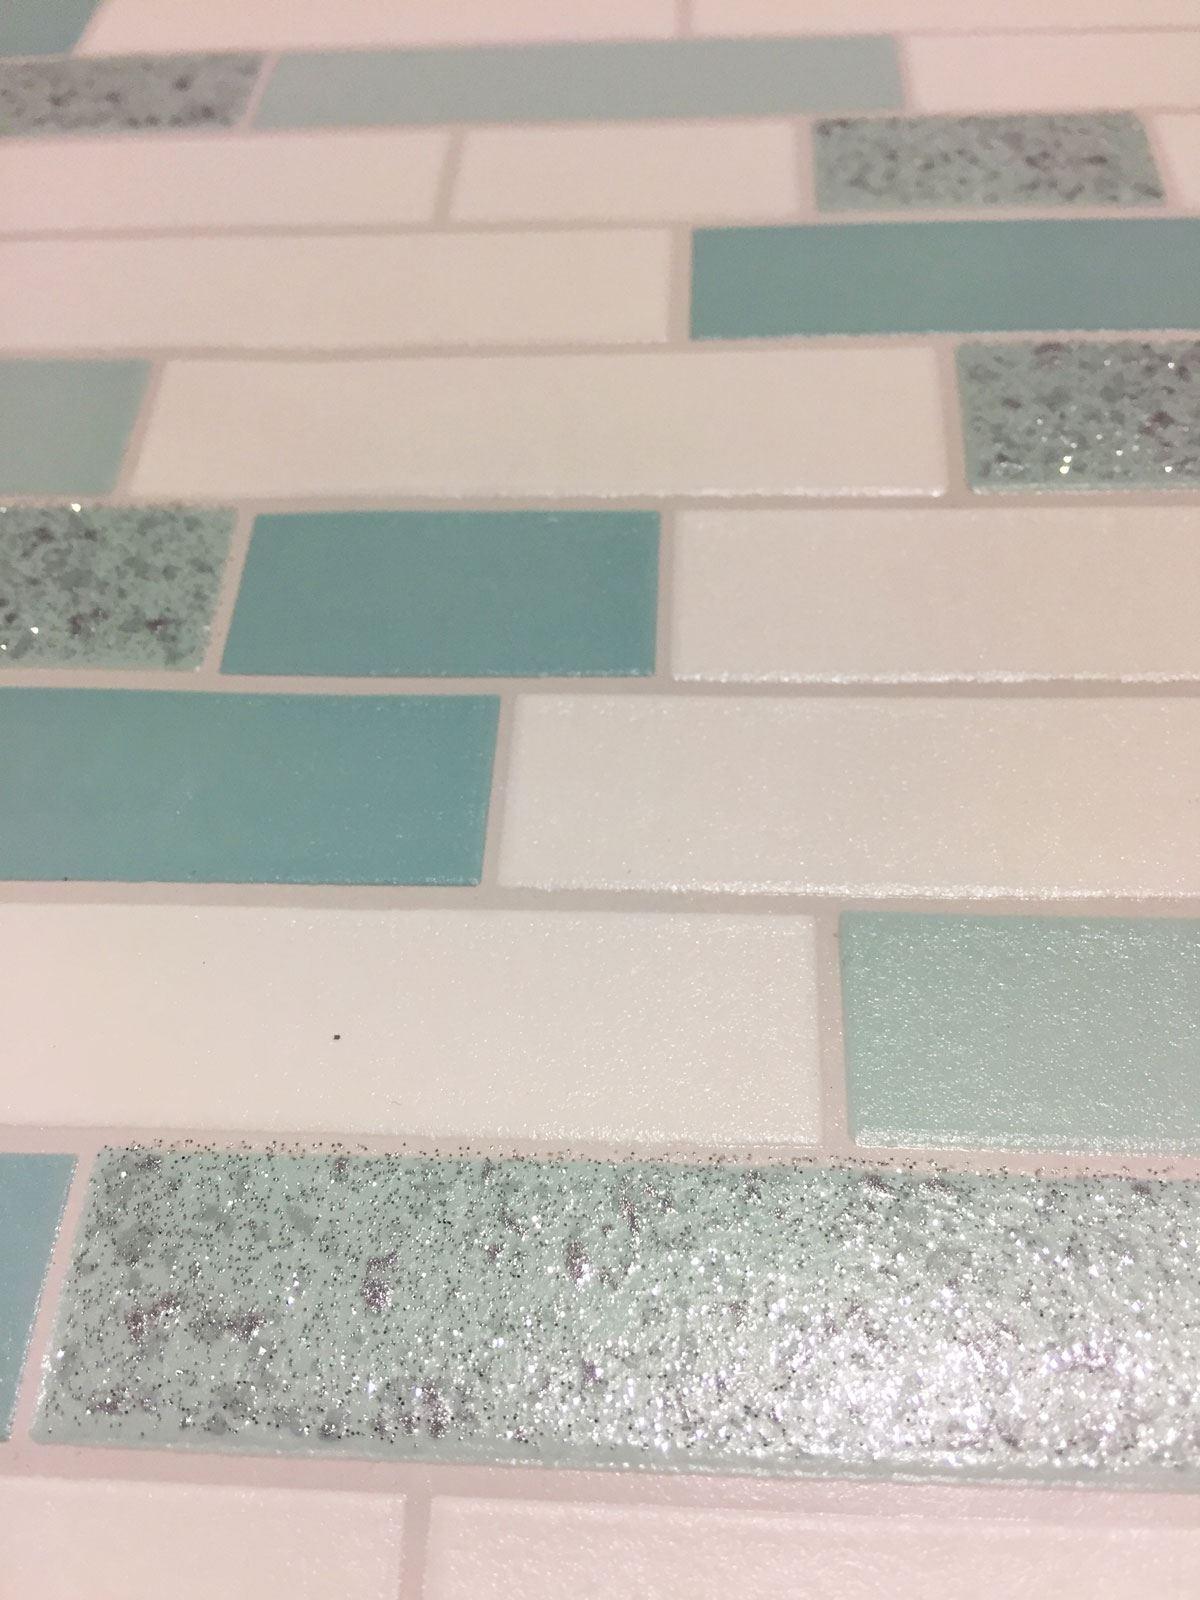 Oblong-Stone-Tile-Kitchen-Bathroom-Wallpaper-Vinyl-Silver-Glitter-Holden-Decor thumbnail 17